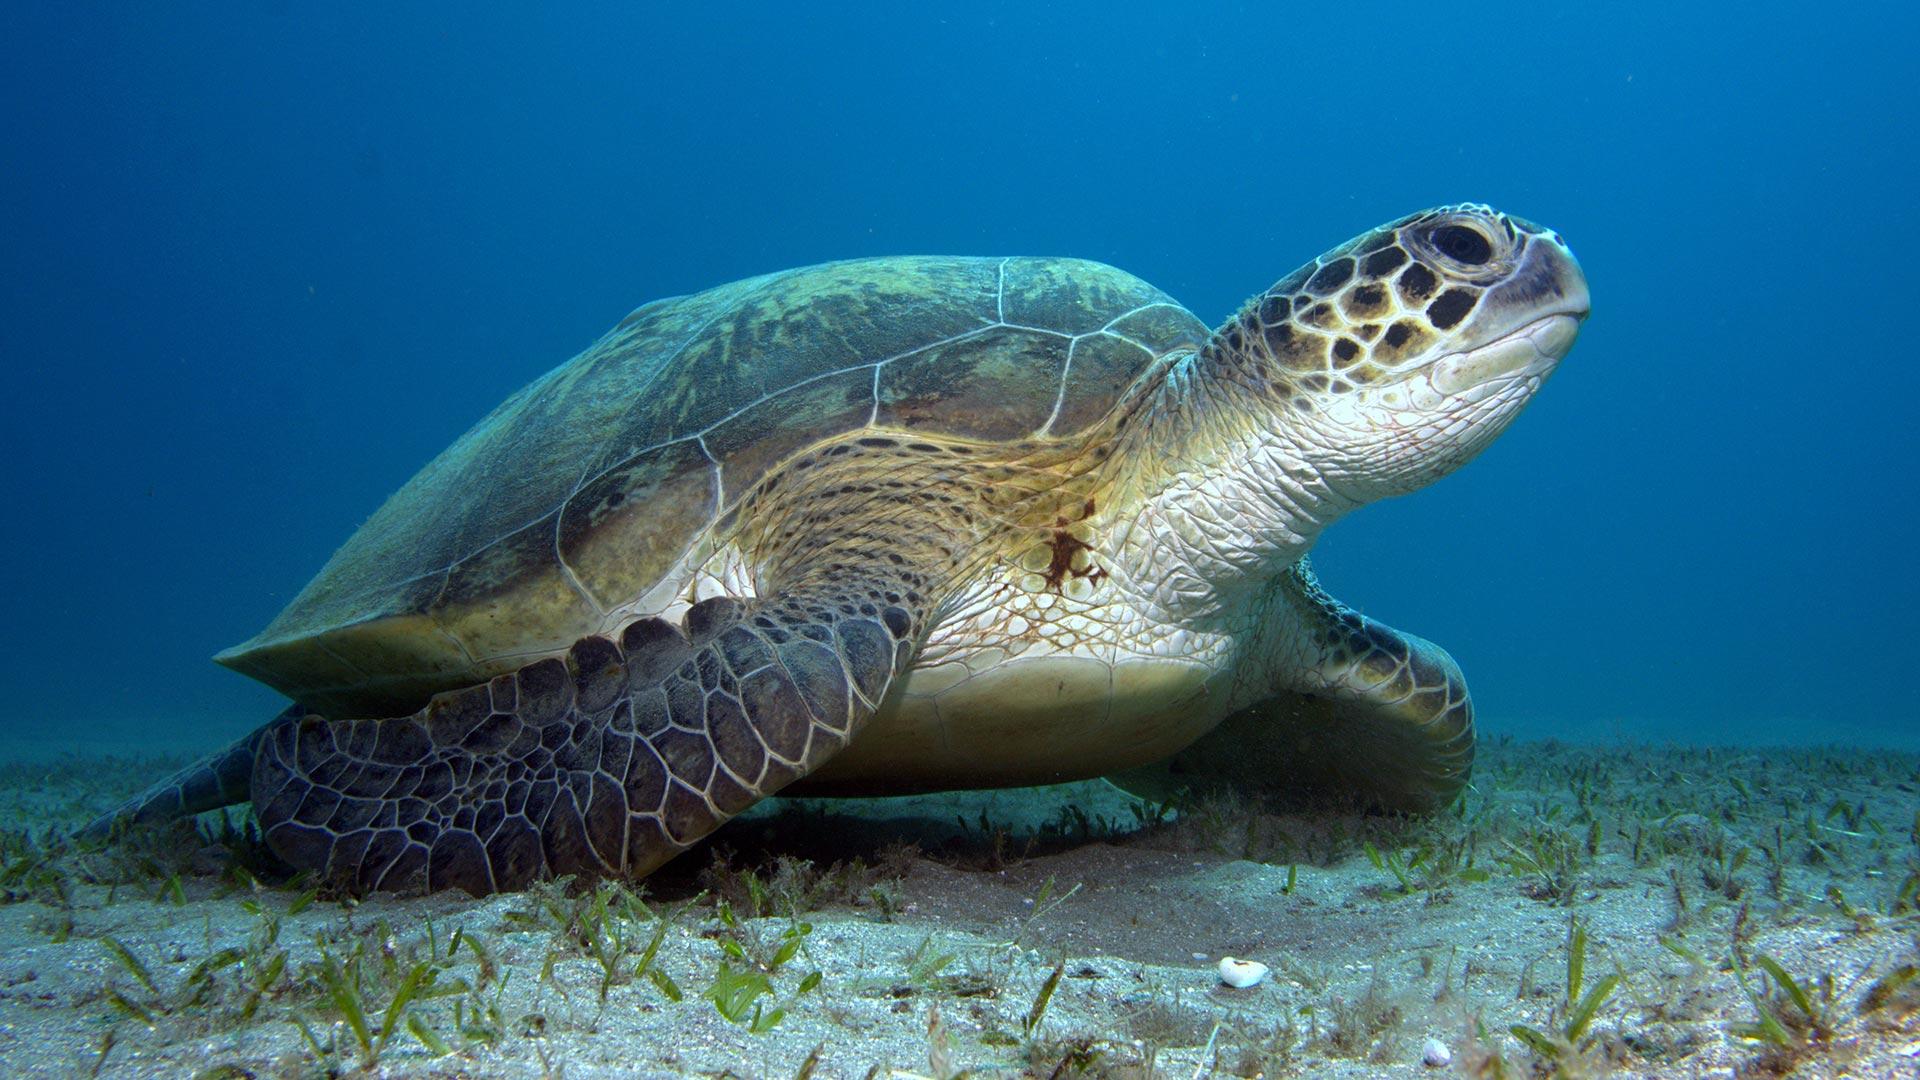 Meeresschildkröten: Faszinierende Fakten und erstaunliches Wissen rund um die ältesten Reptilien der Welt